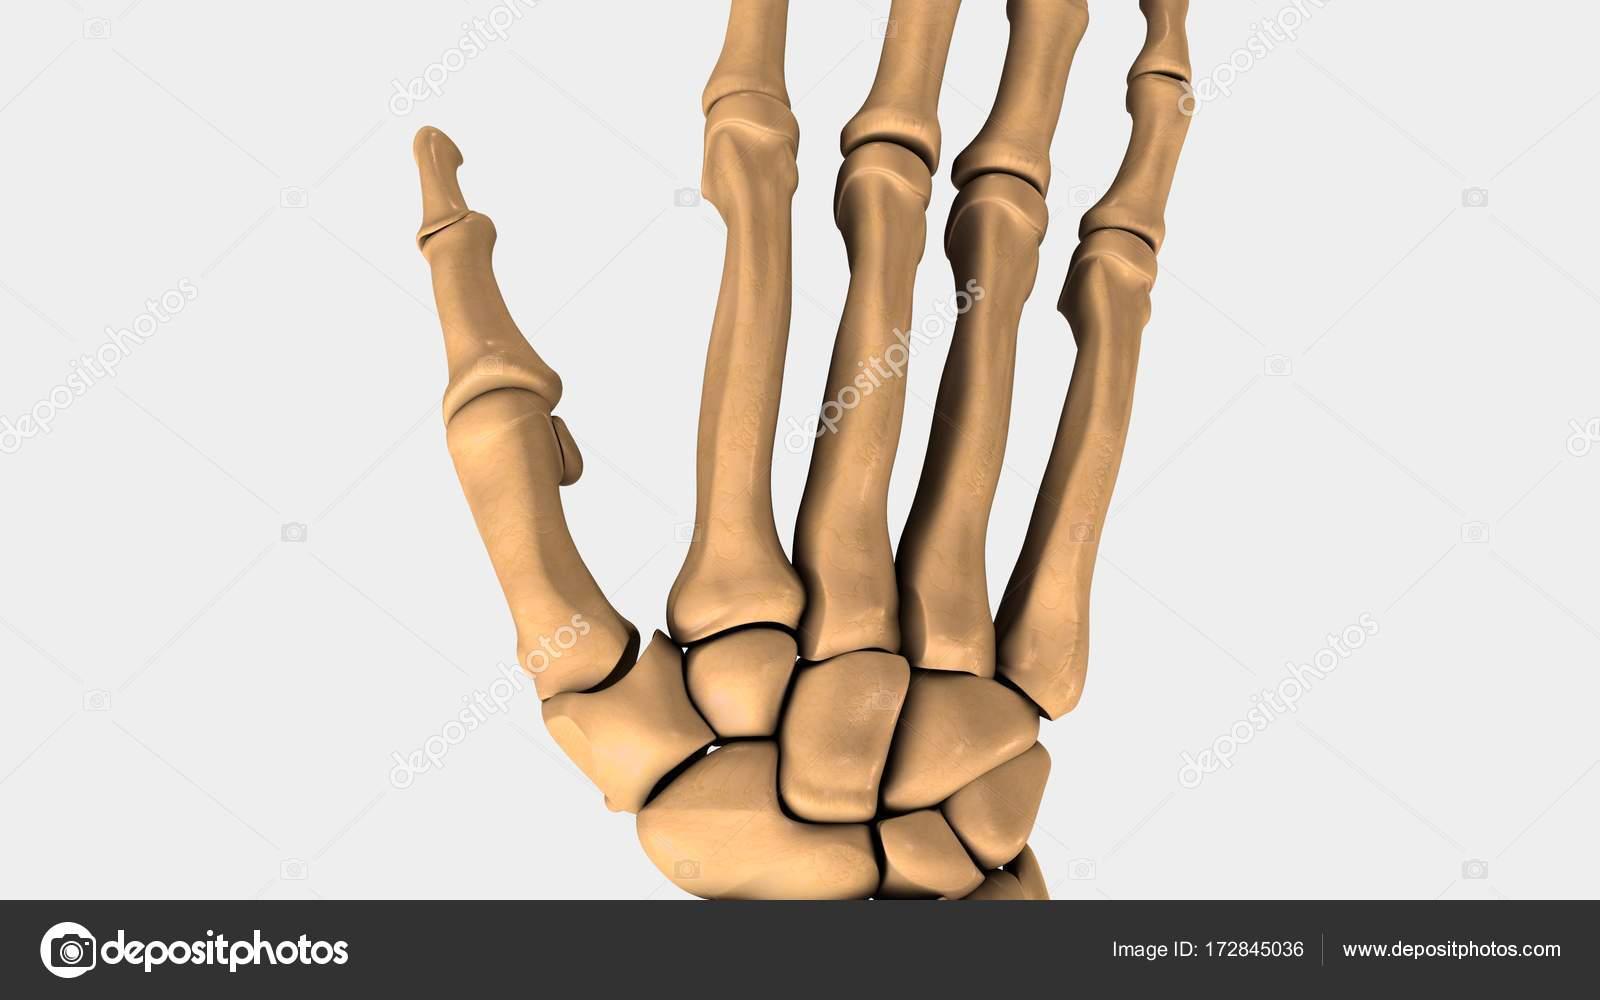 Menschlichen Handgelenk Knochen — Stockfoto © sciencepics #172845036